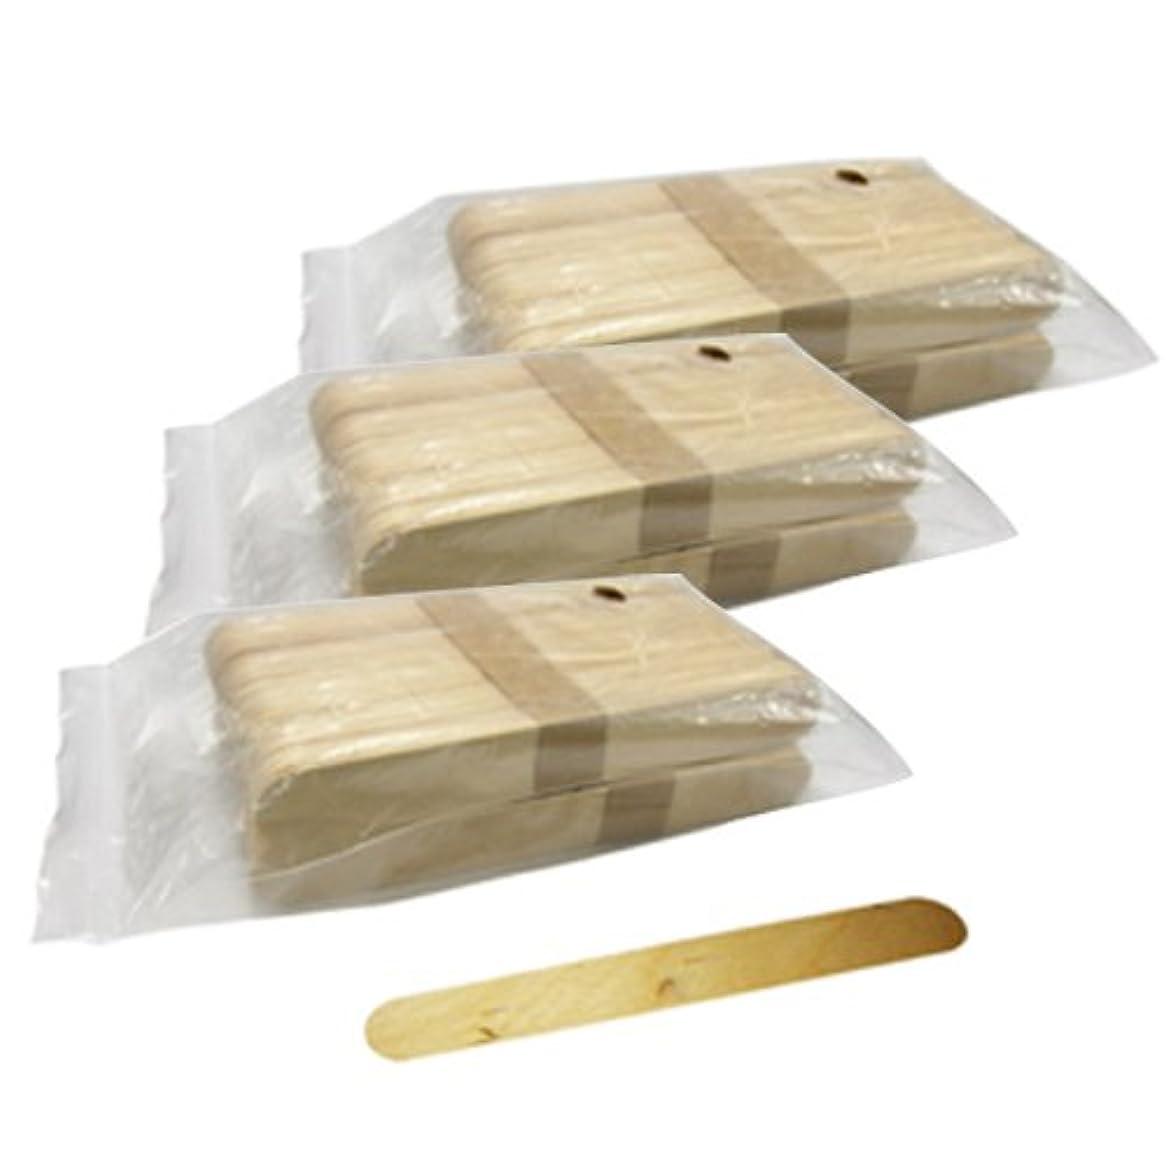 撤退ワイヤー繁栄する使い捨て【木ベラ/ウッドスパチュラ】(業務用100枚入り) × 3袋セット(計300枚)/WAX脱毛等や舌厚子にも …